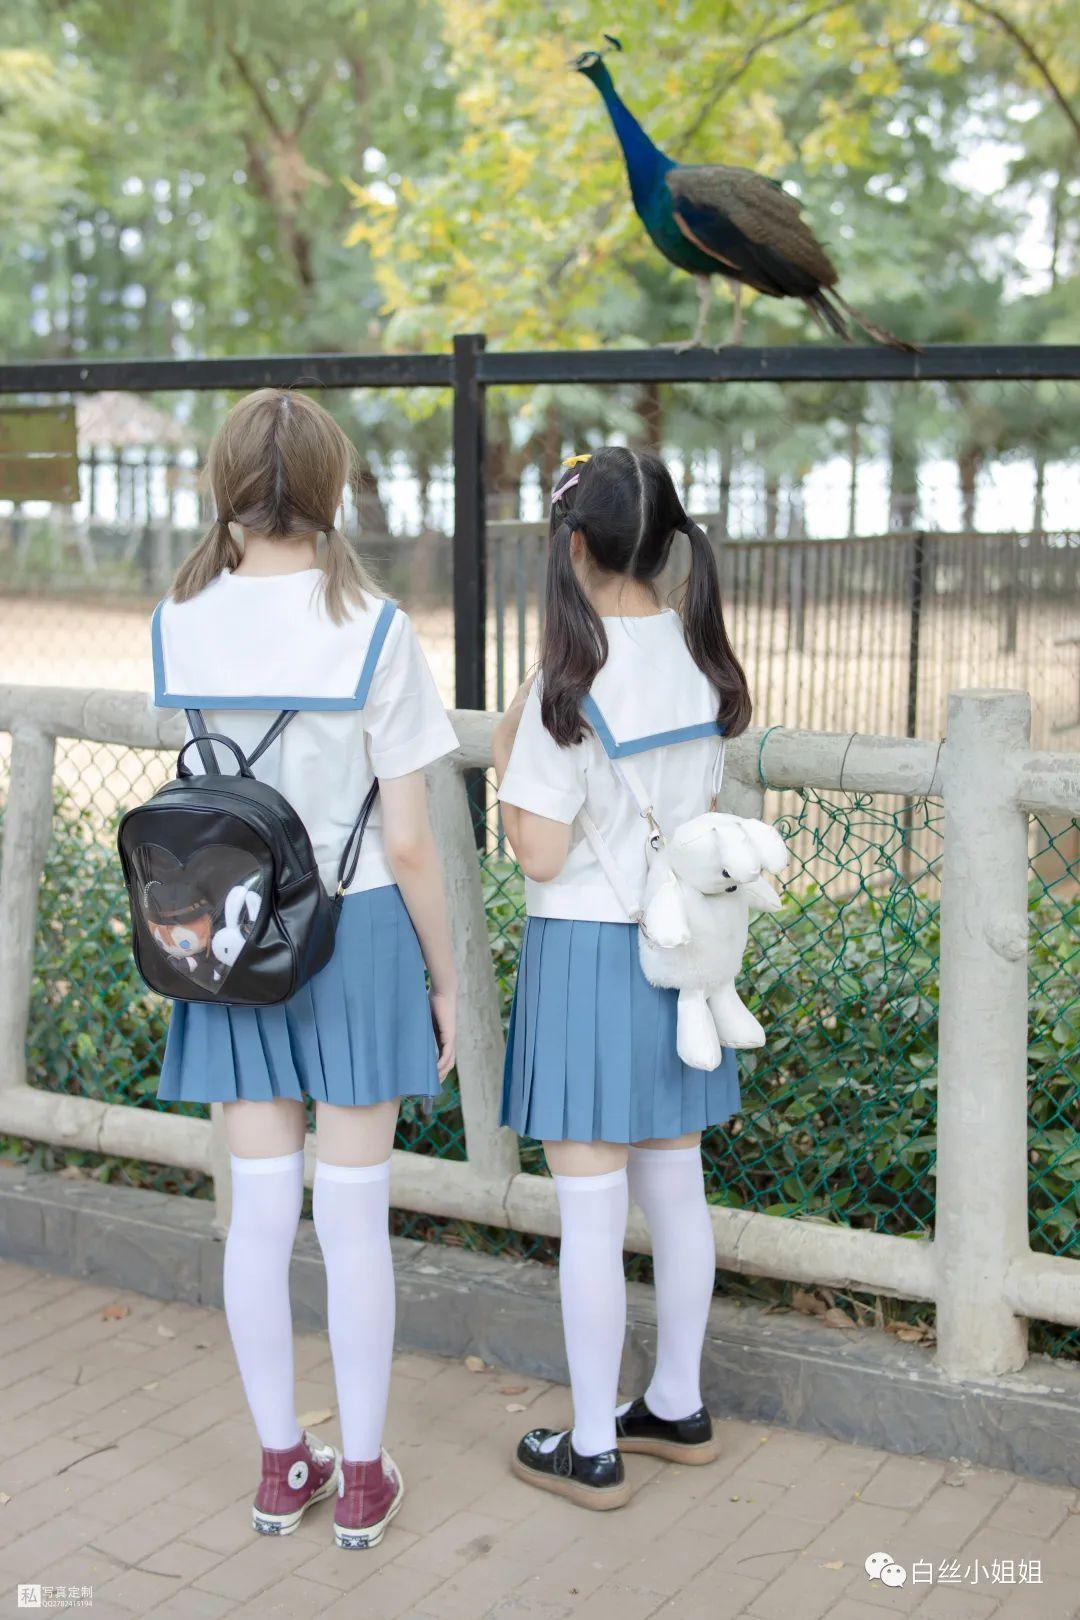 妹子摄影 – 白丝袜JK制服萝莉成对出现,双倍快乐!_图片 No.2